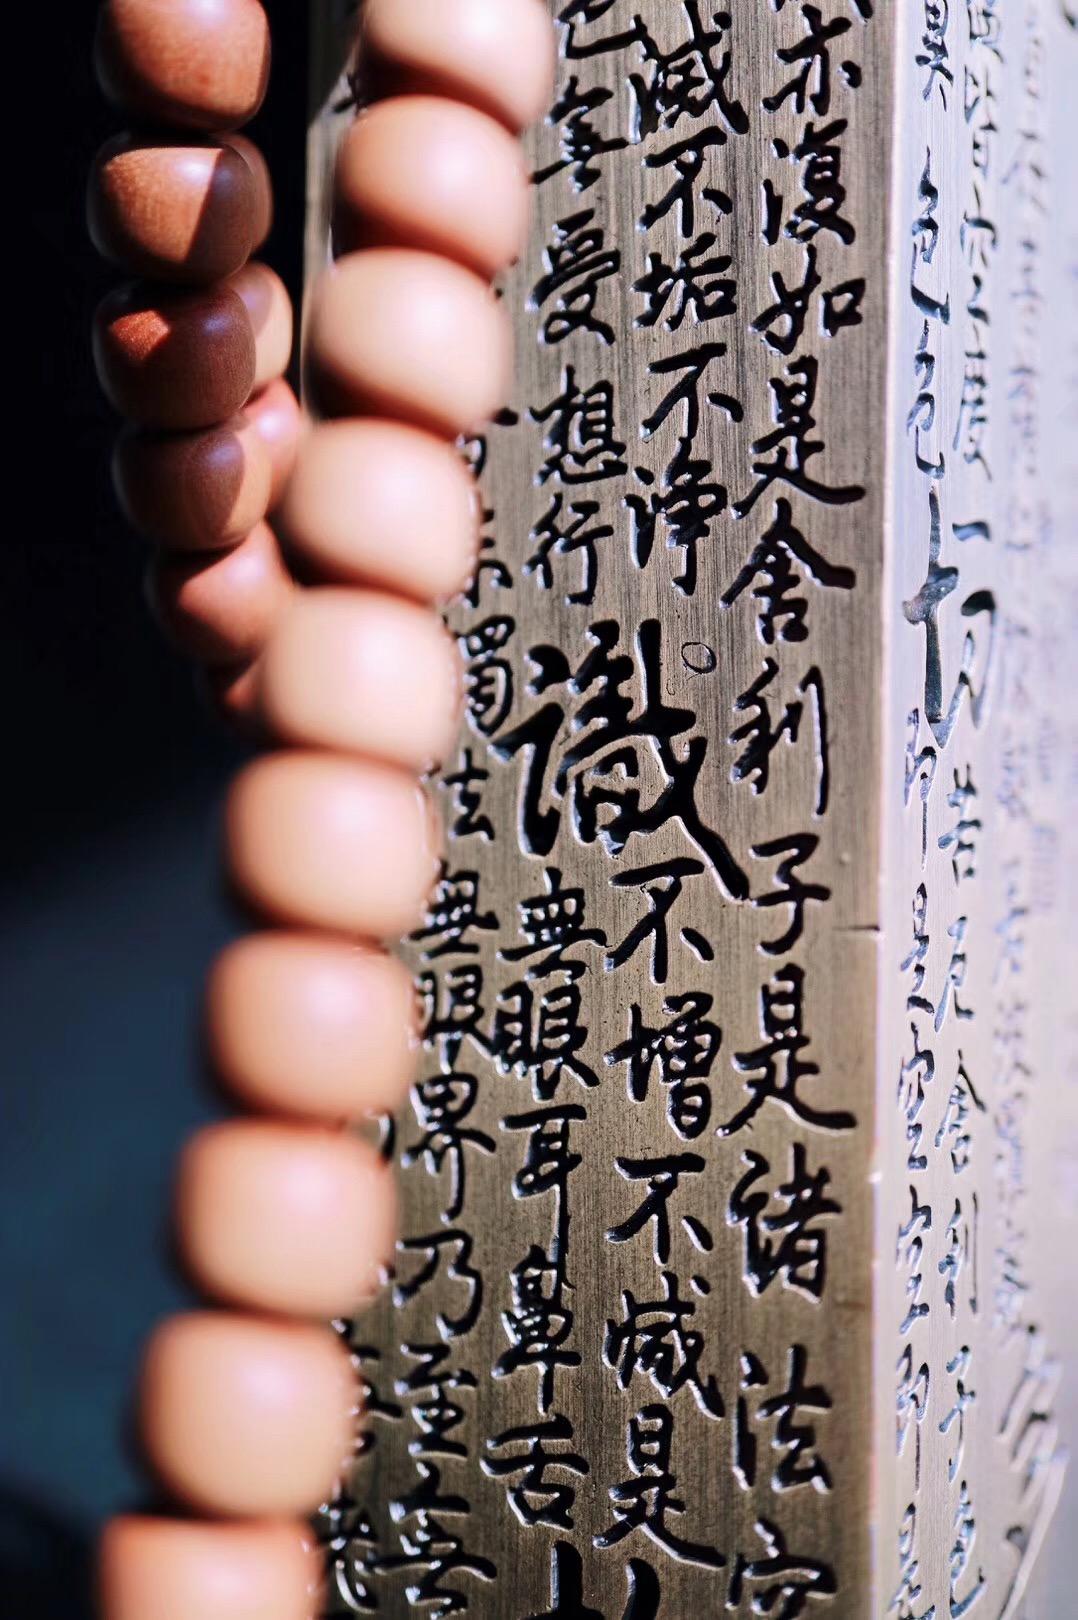 【菩心-老山檀|绿松石多宝】📿📿老山檀,木头里,我最爱他的香味-菩心晶舍